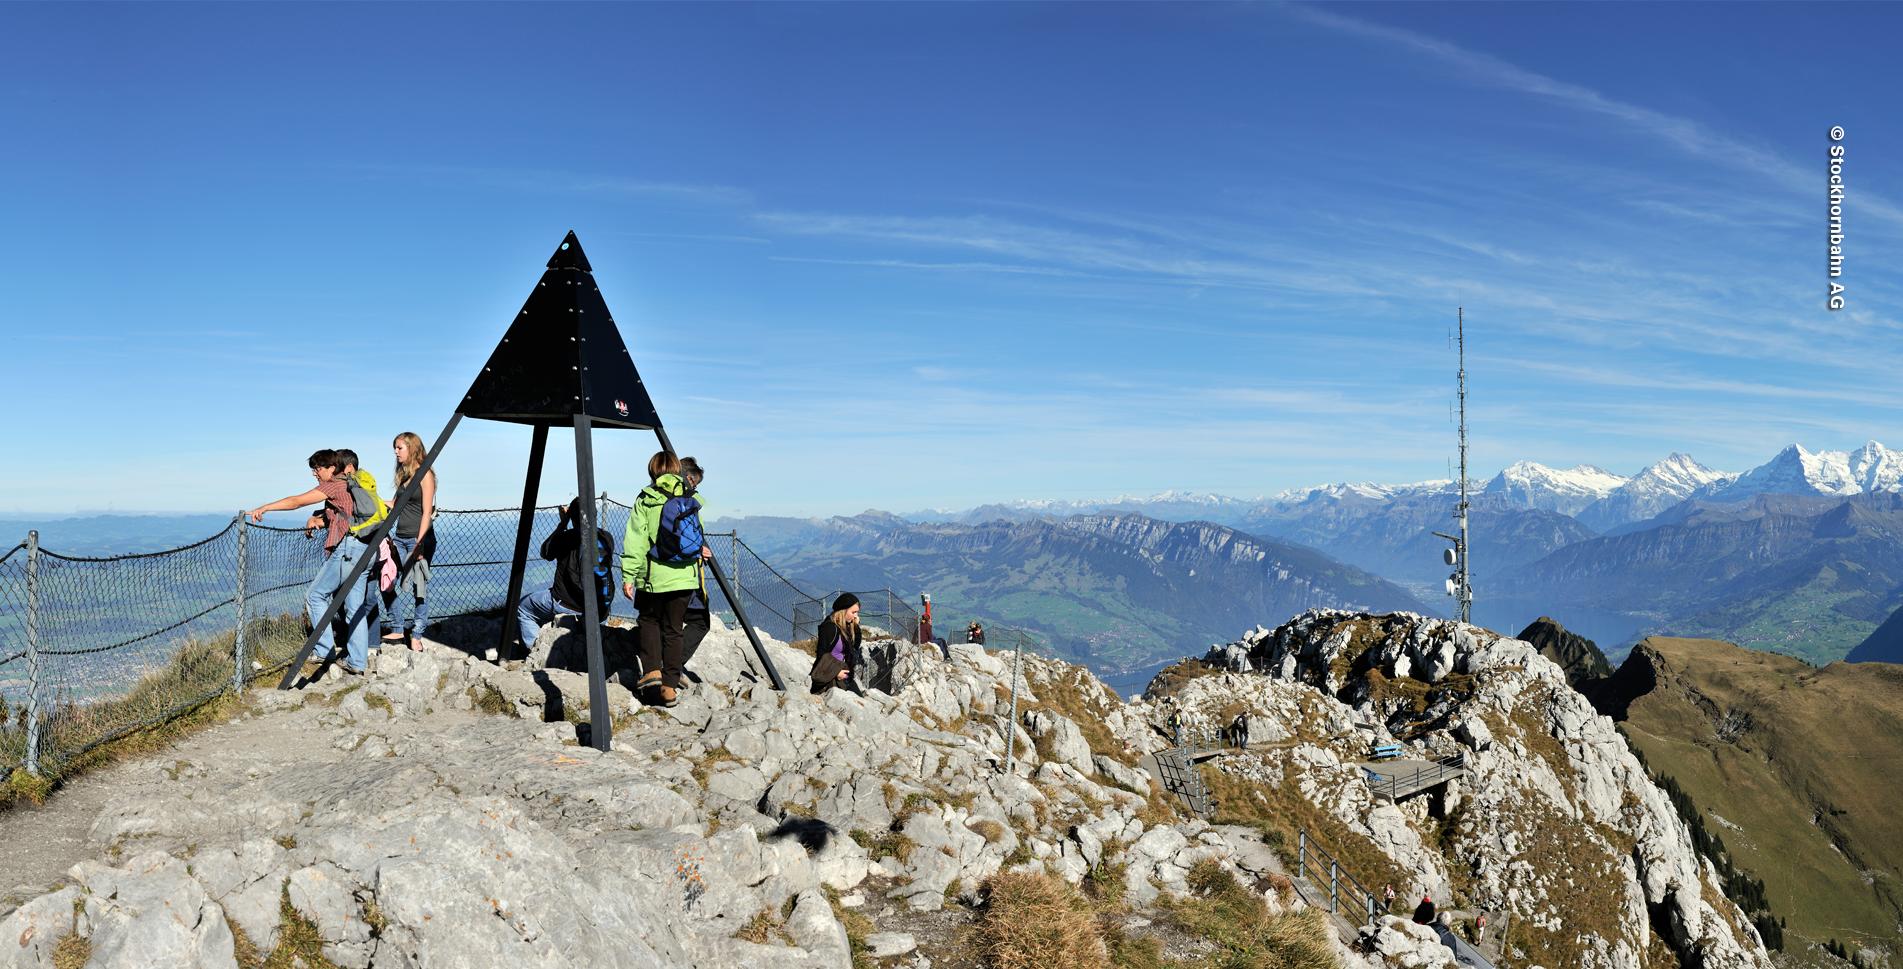 Wanderung vom Stockhorn, oberhalb Erlenbach im Simmental, auf dem Panoramaweg via Berggasthaus Oberstockenalp, Hinterstockensee zur Mittelstation Chrindi